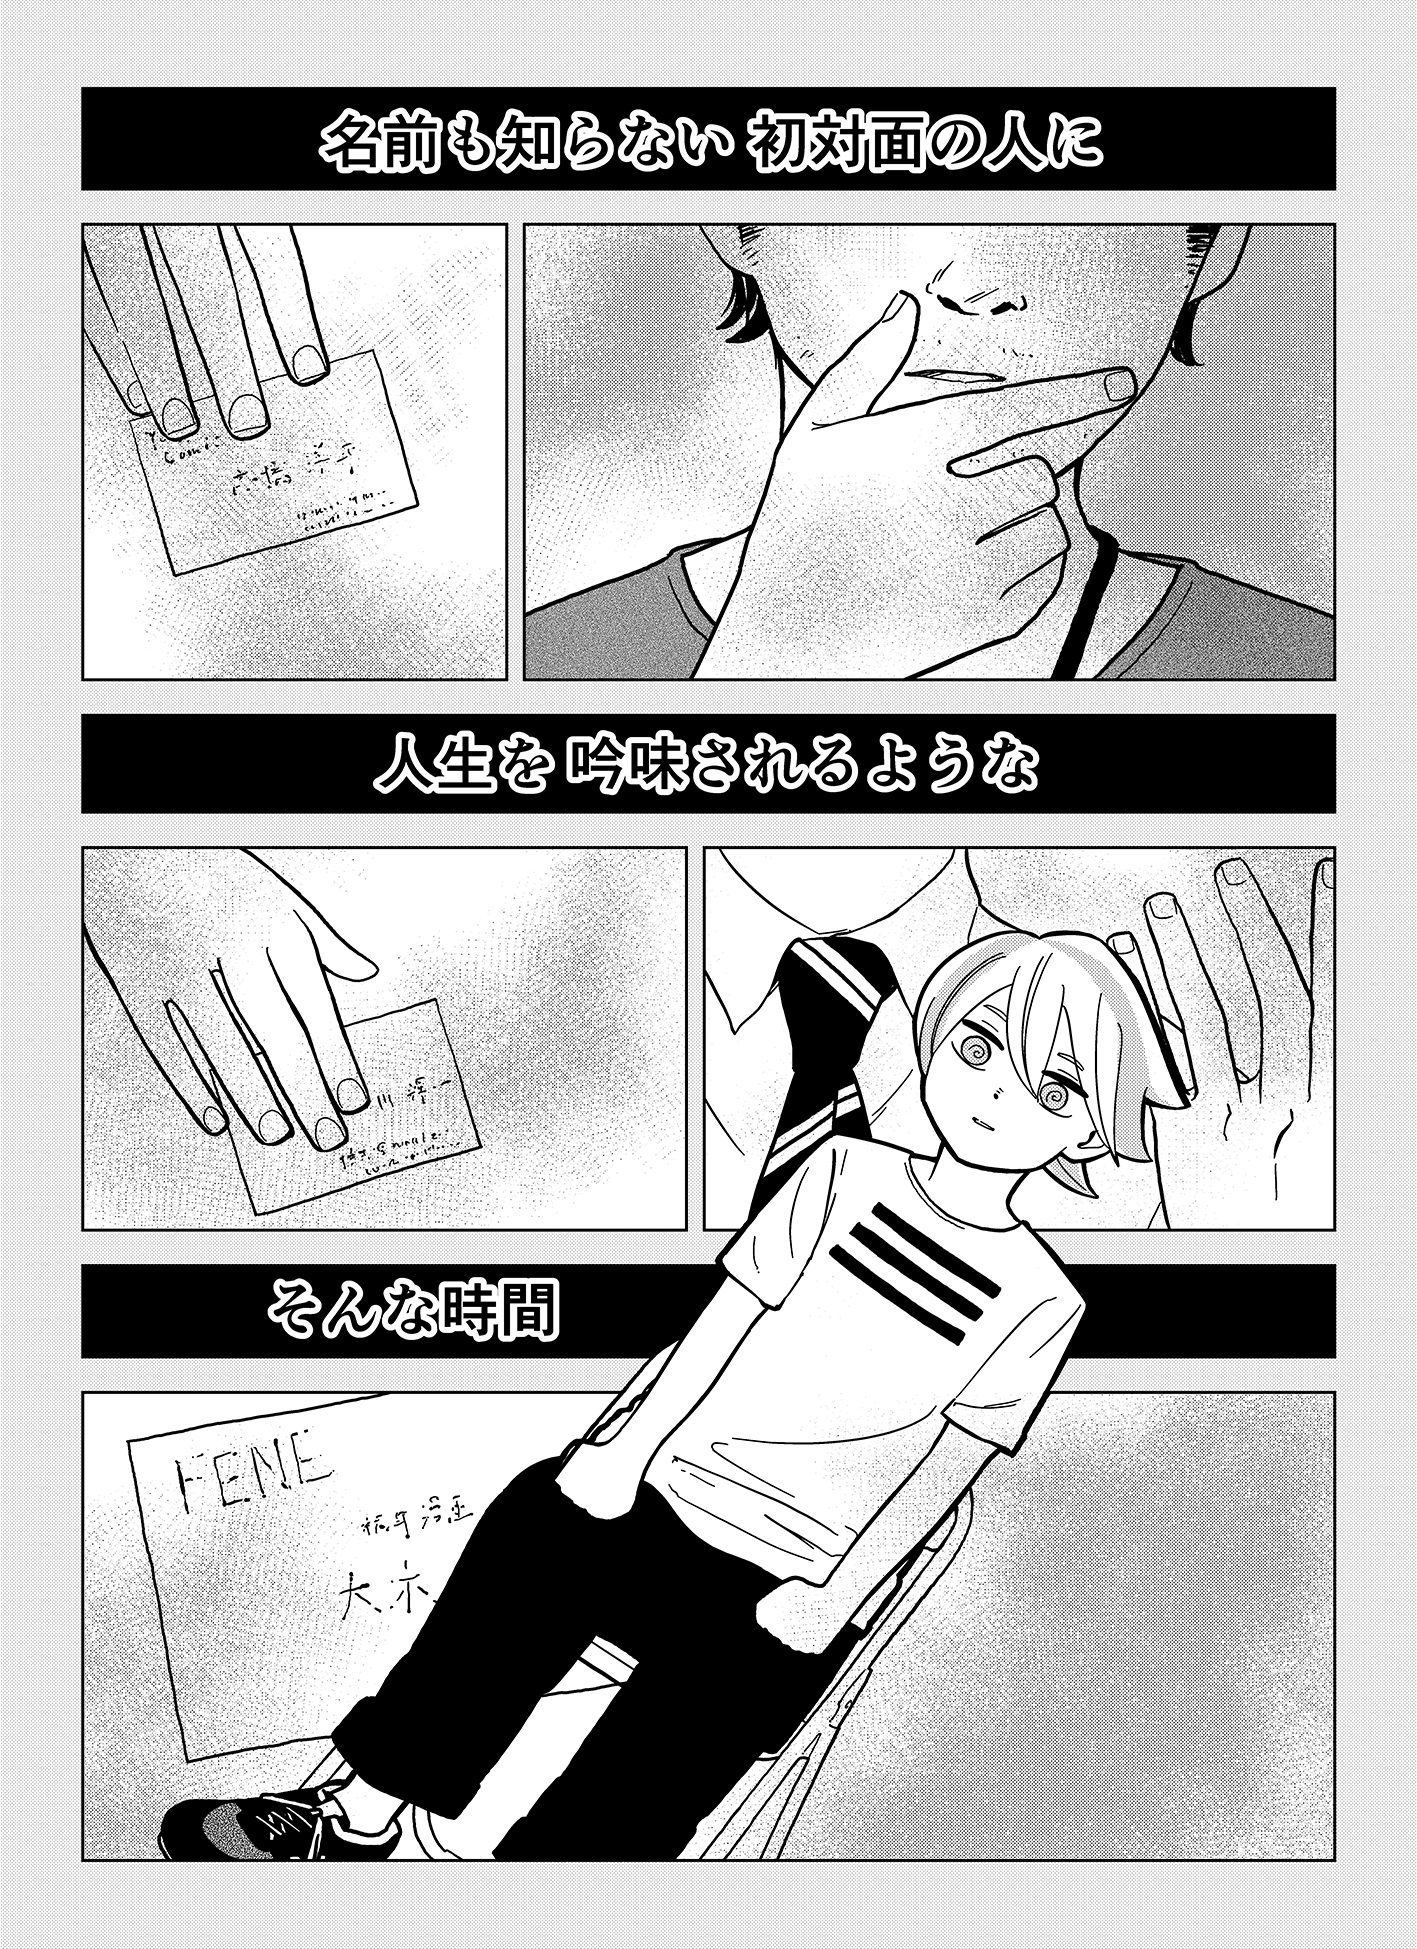 share14_09